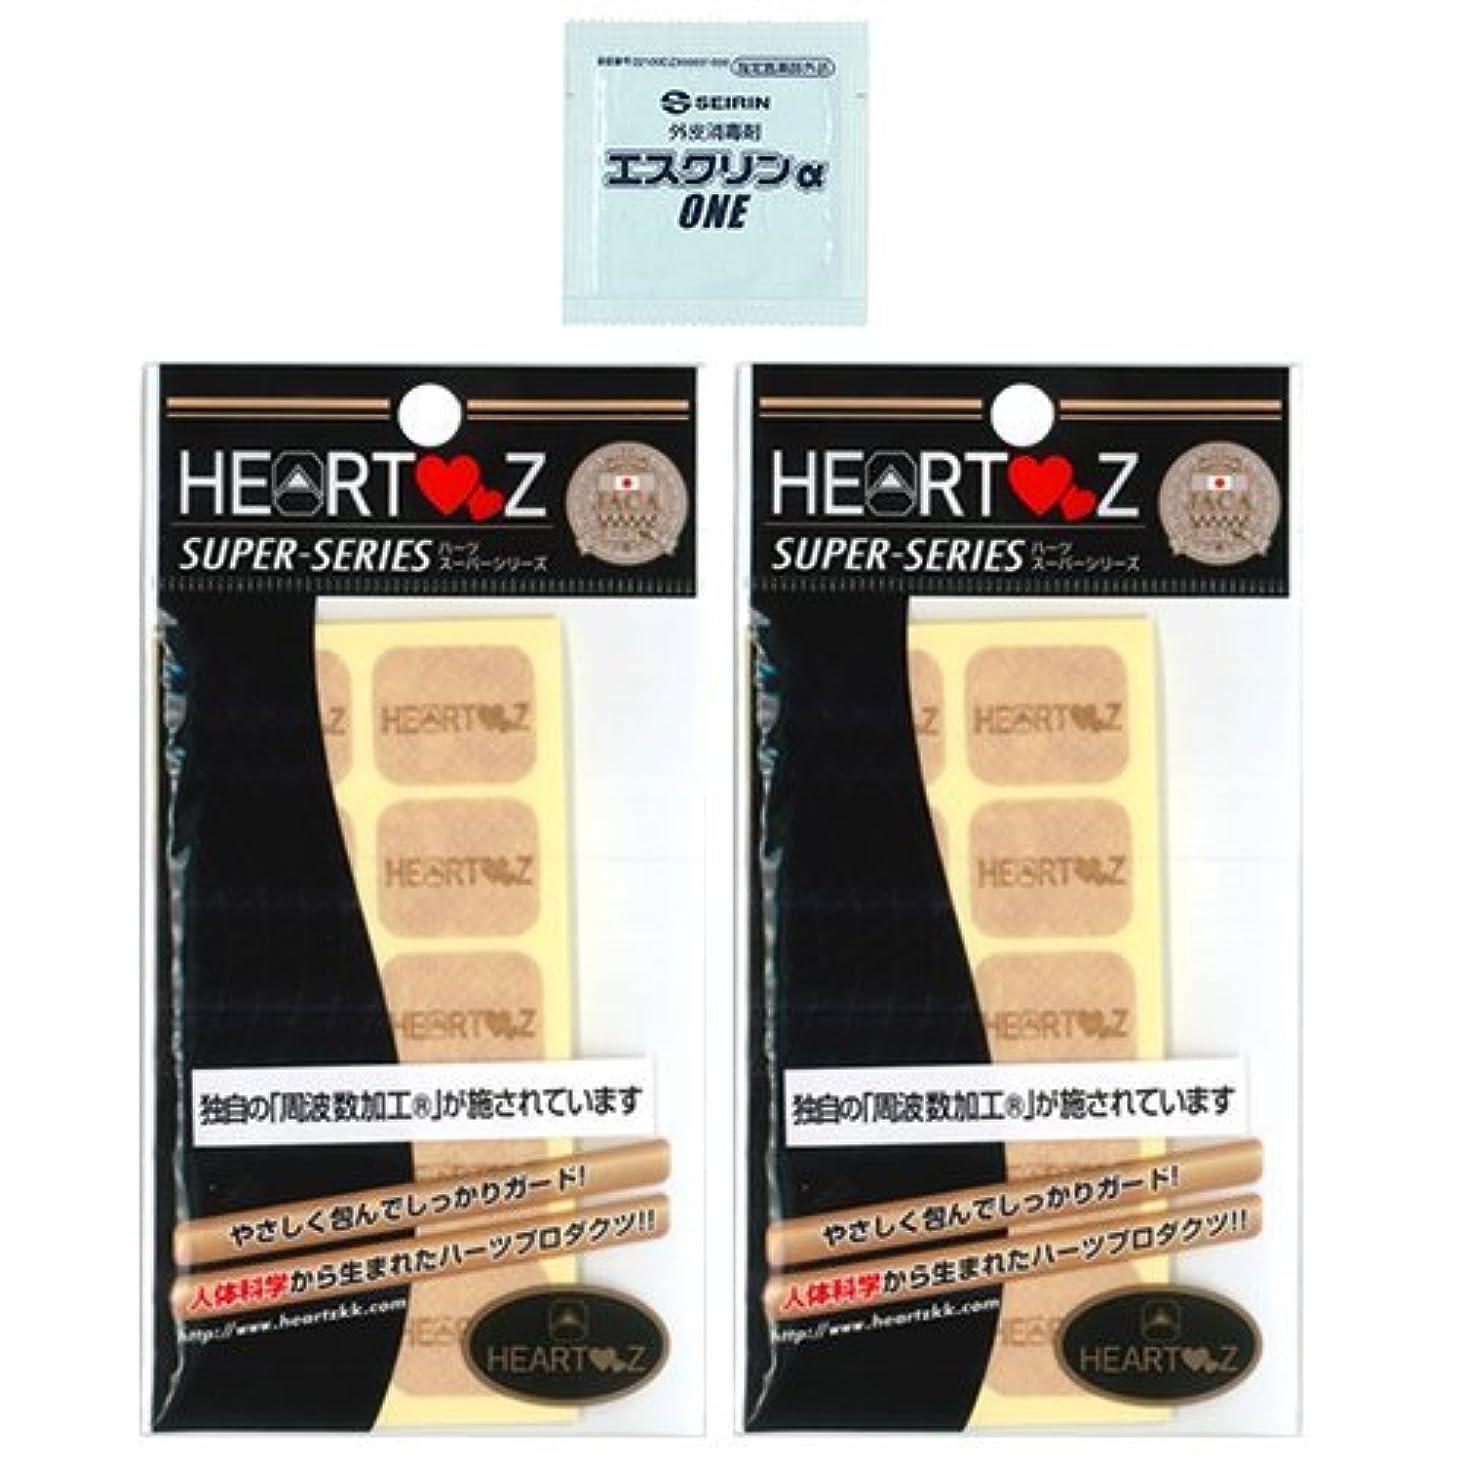 ケントつかむエンジン【HEARTZ(ハーツ)】ハーツスーパーシール レギュラータイプ 80枚入×2個セット (計160枚) + エスクリンαONEx1個 セット